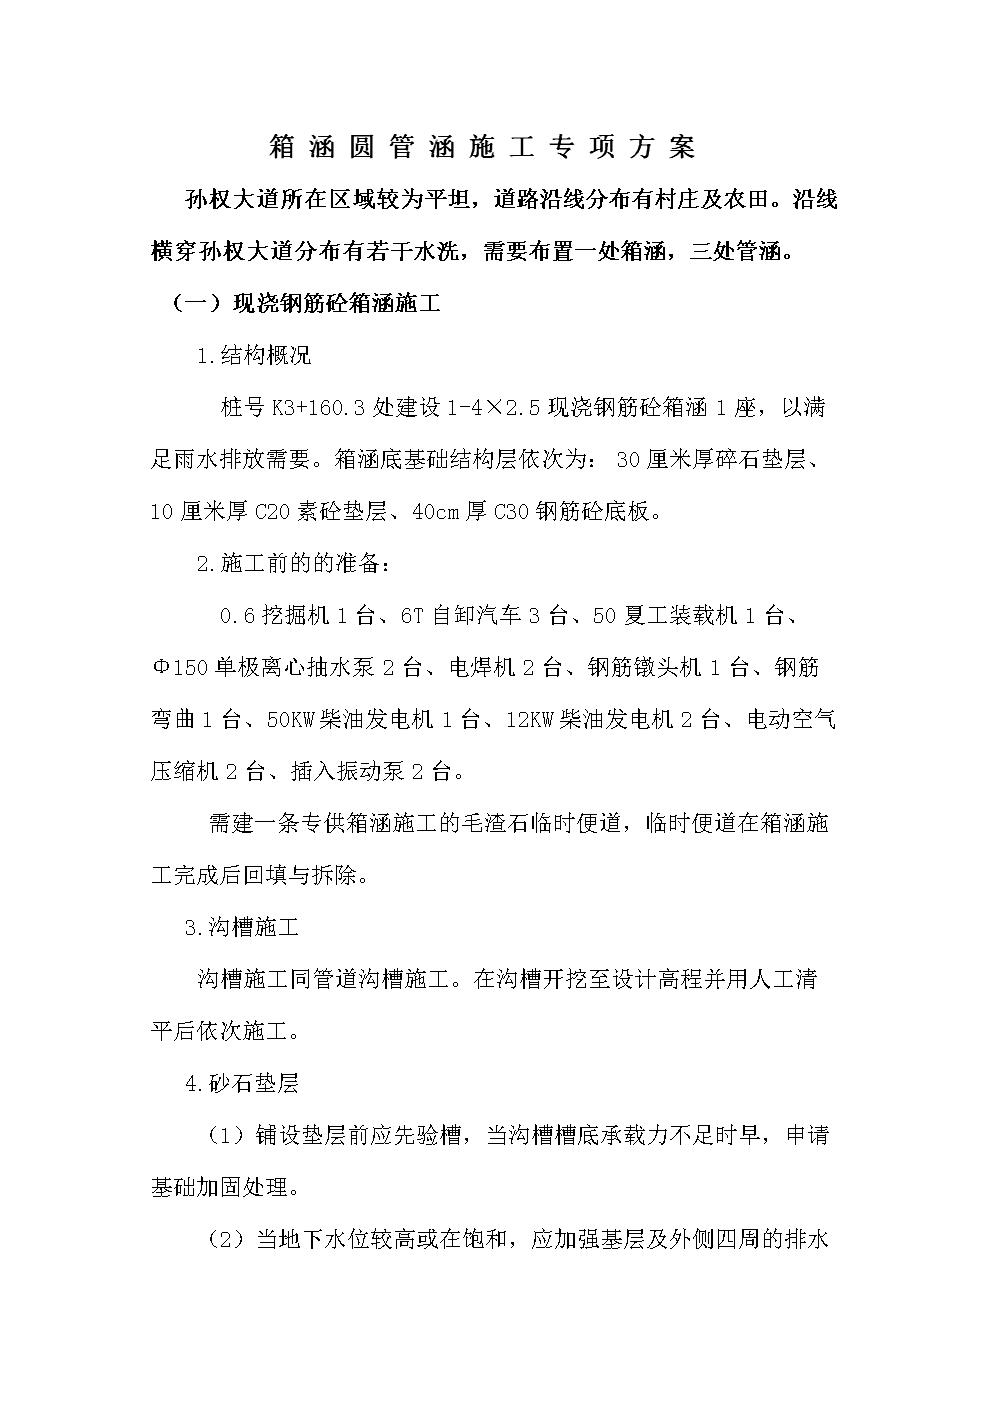 箱涵圆管涵施工专项方案.docx